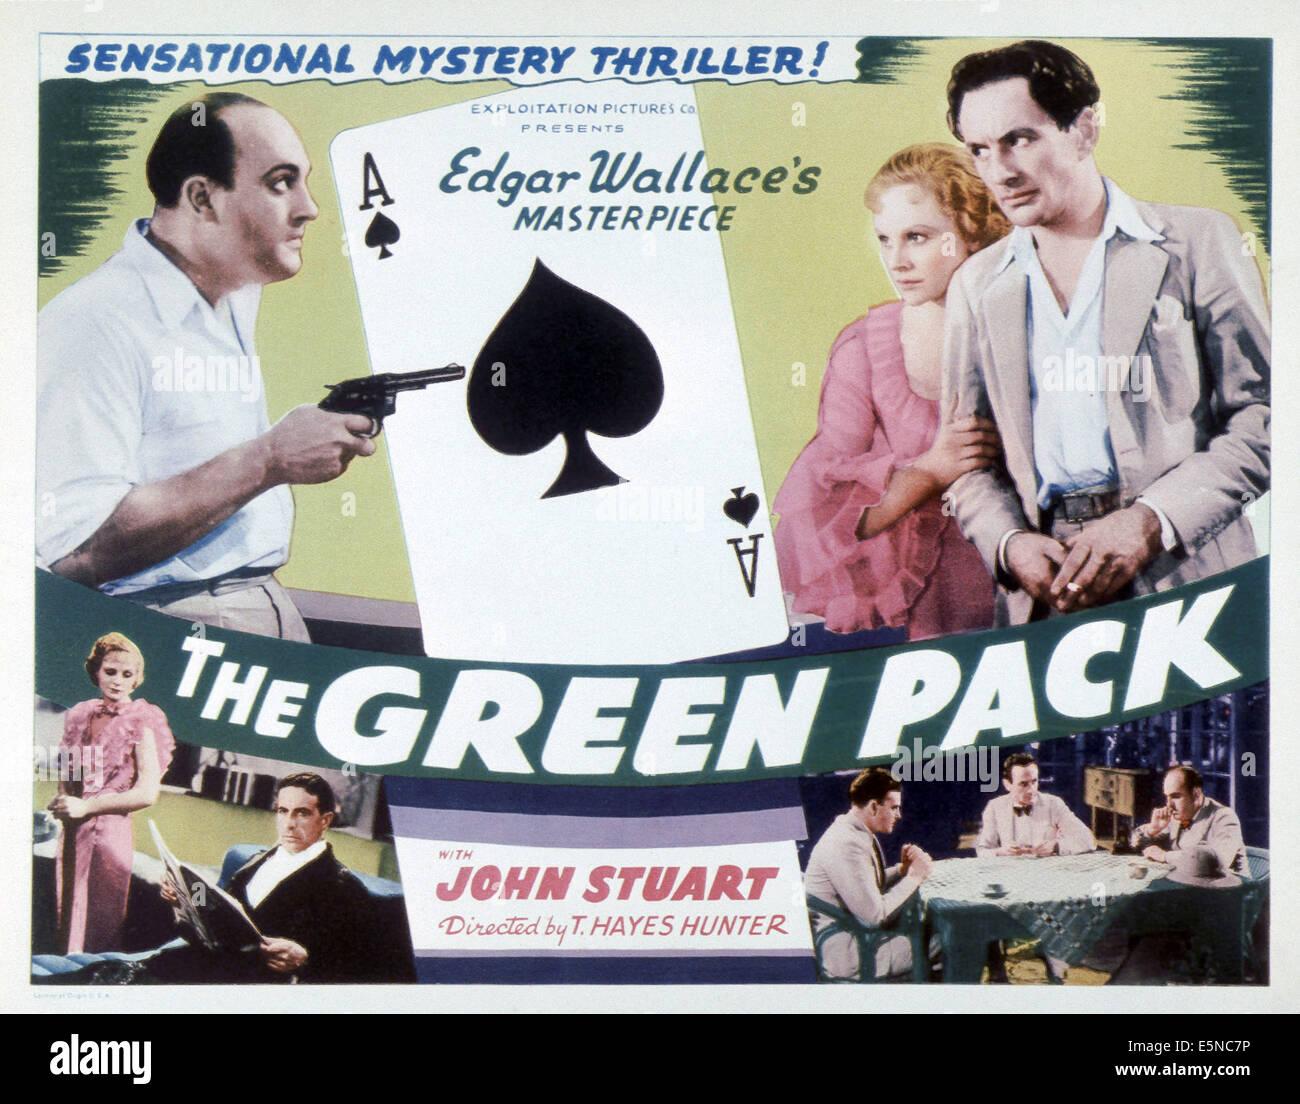 THE GREEN PACK, top from left: Garry Marsh, Aileen Marson, John Stuart, 1934 Stock Photo